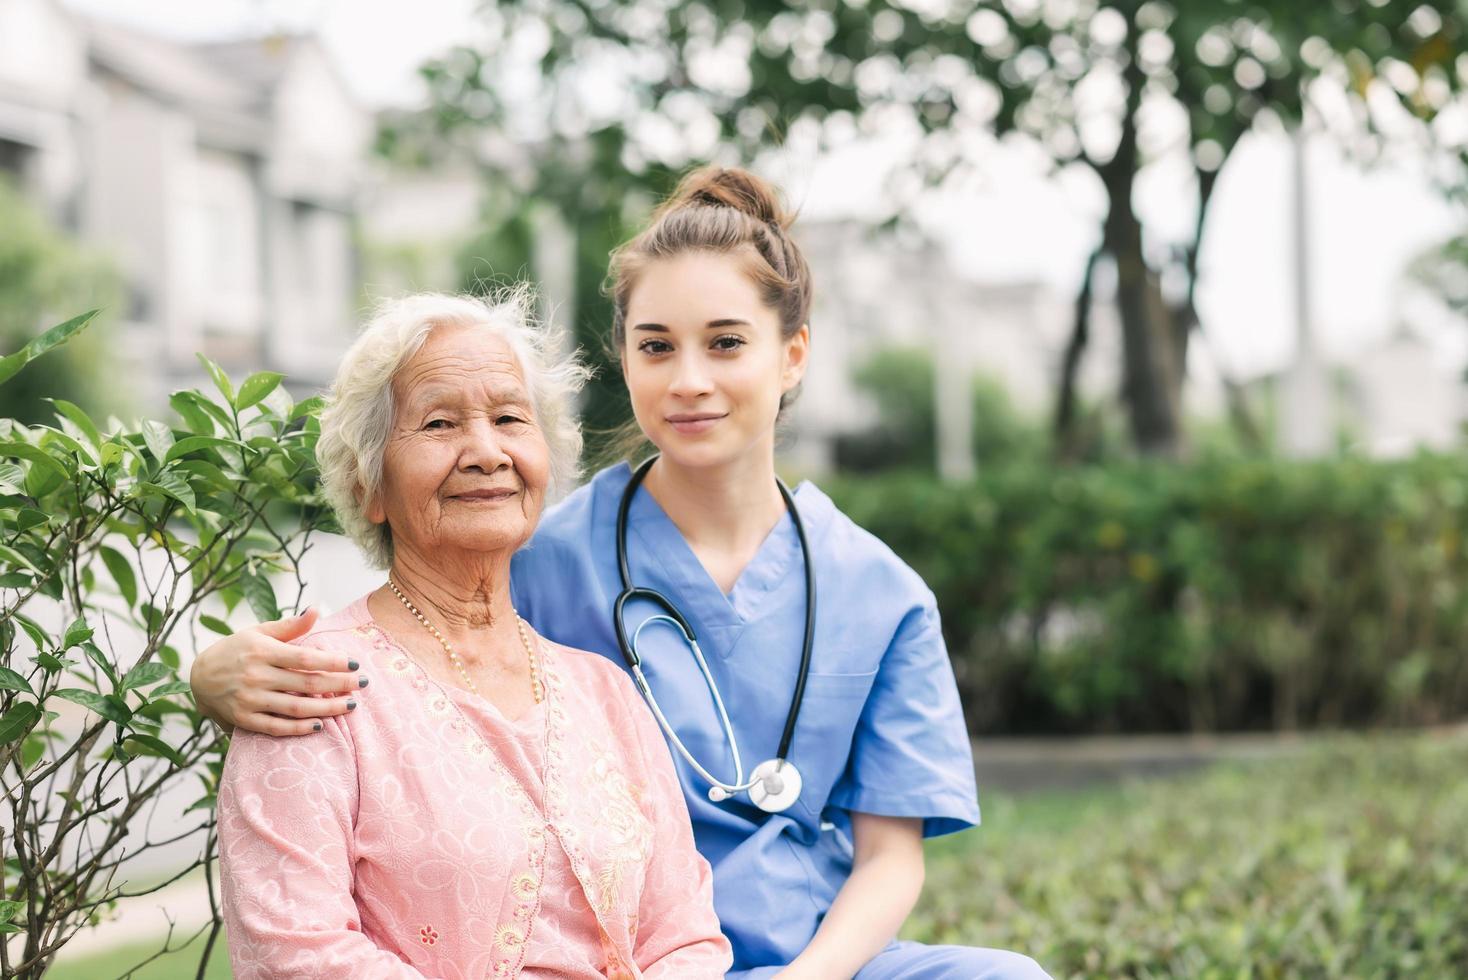 caregiver abbracciando senior nel parco foto